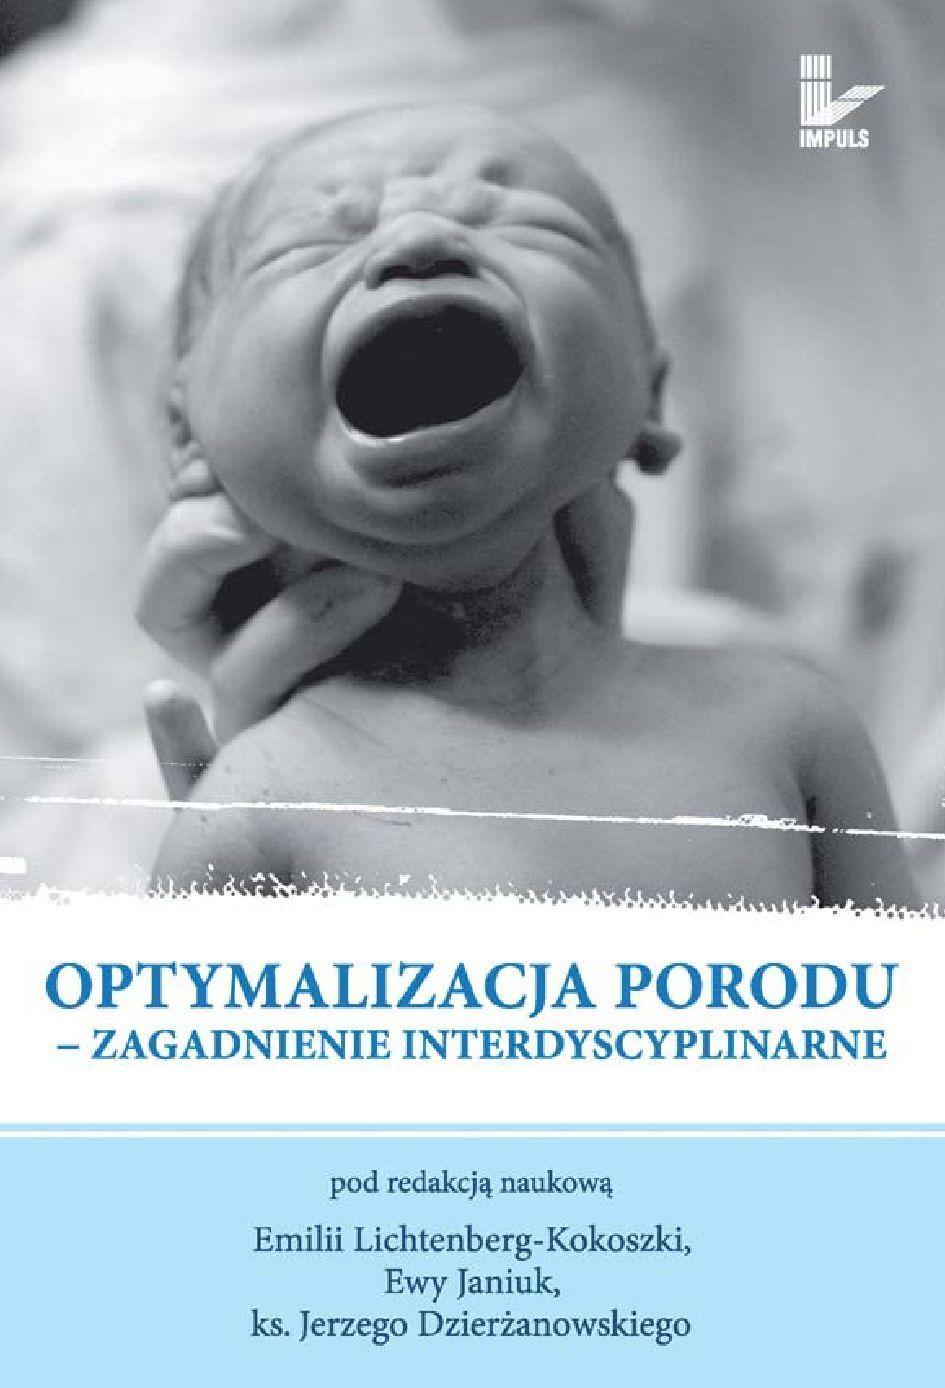 Optymalizacja porodu. Zagadnienie interdyscyplinarne - Ebook (Książka na Kindle) do pobrania w formacie MOBI